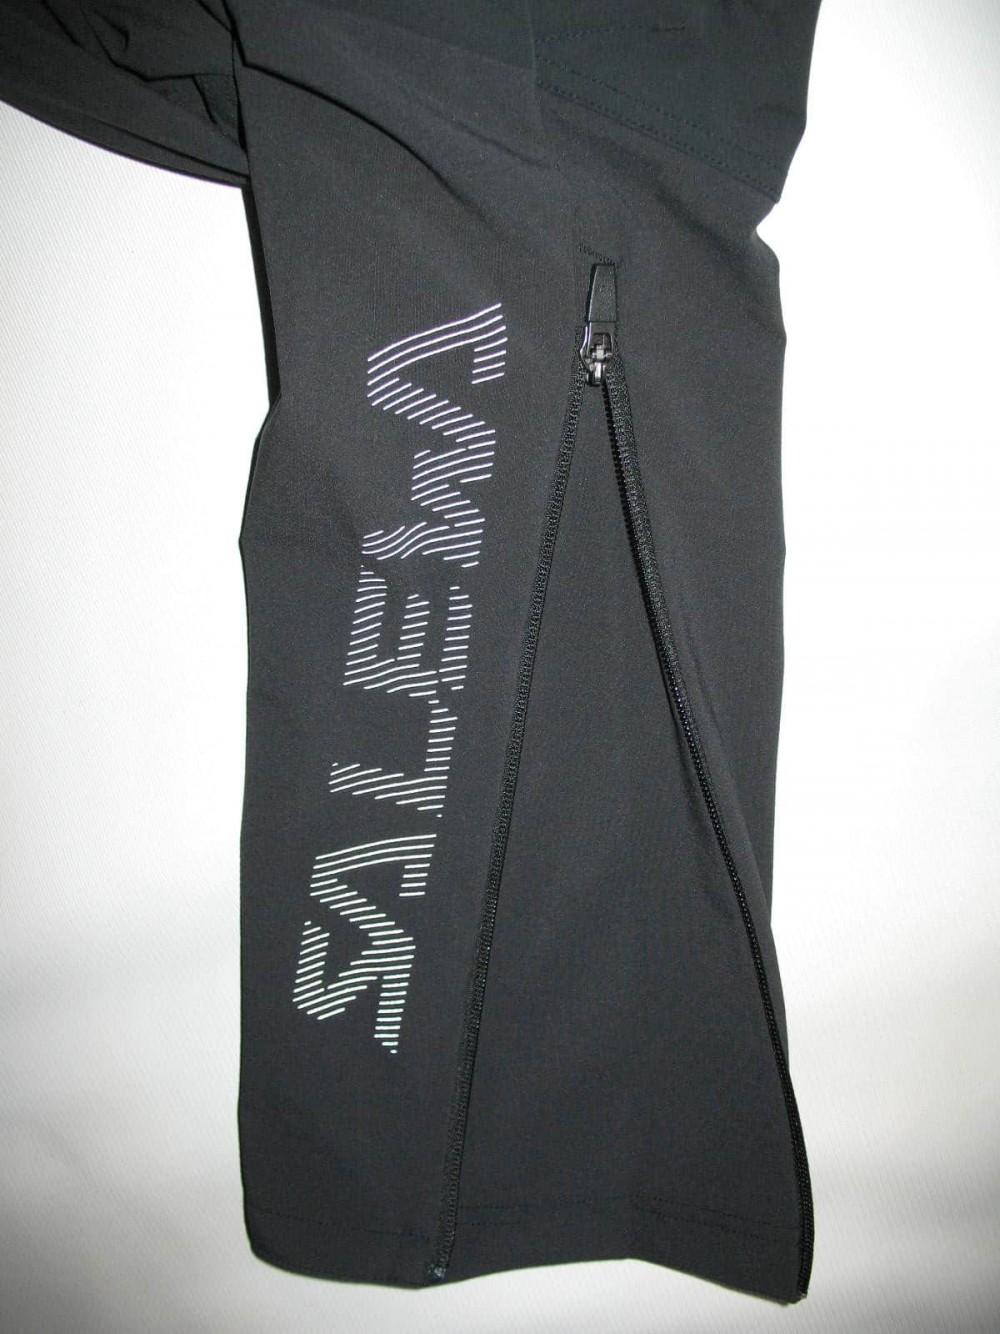 Штаны SALEWA pedroc pants lady (размер 36/S) - 5